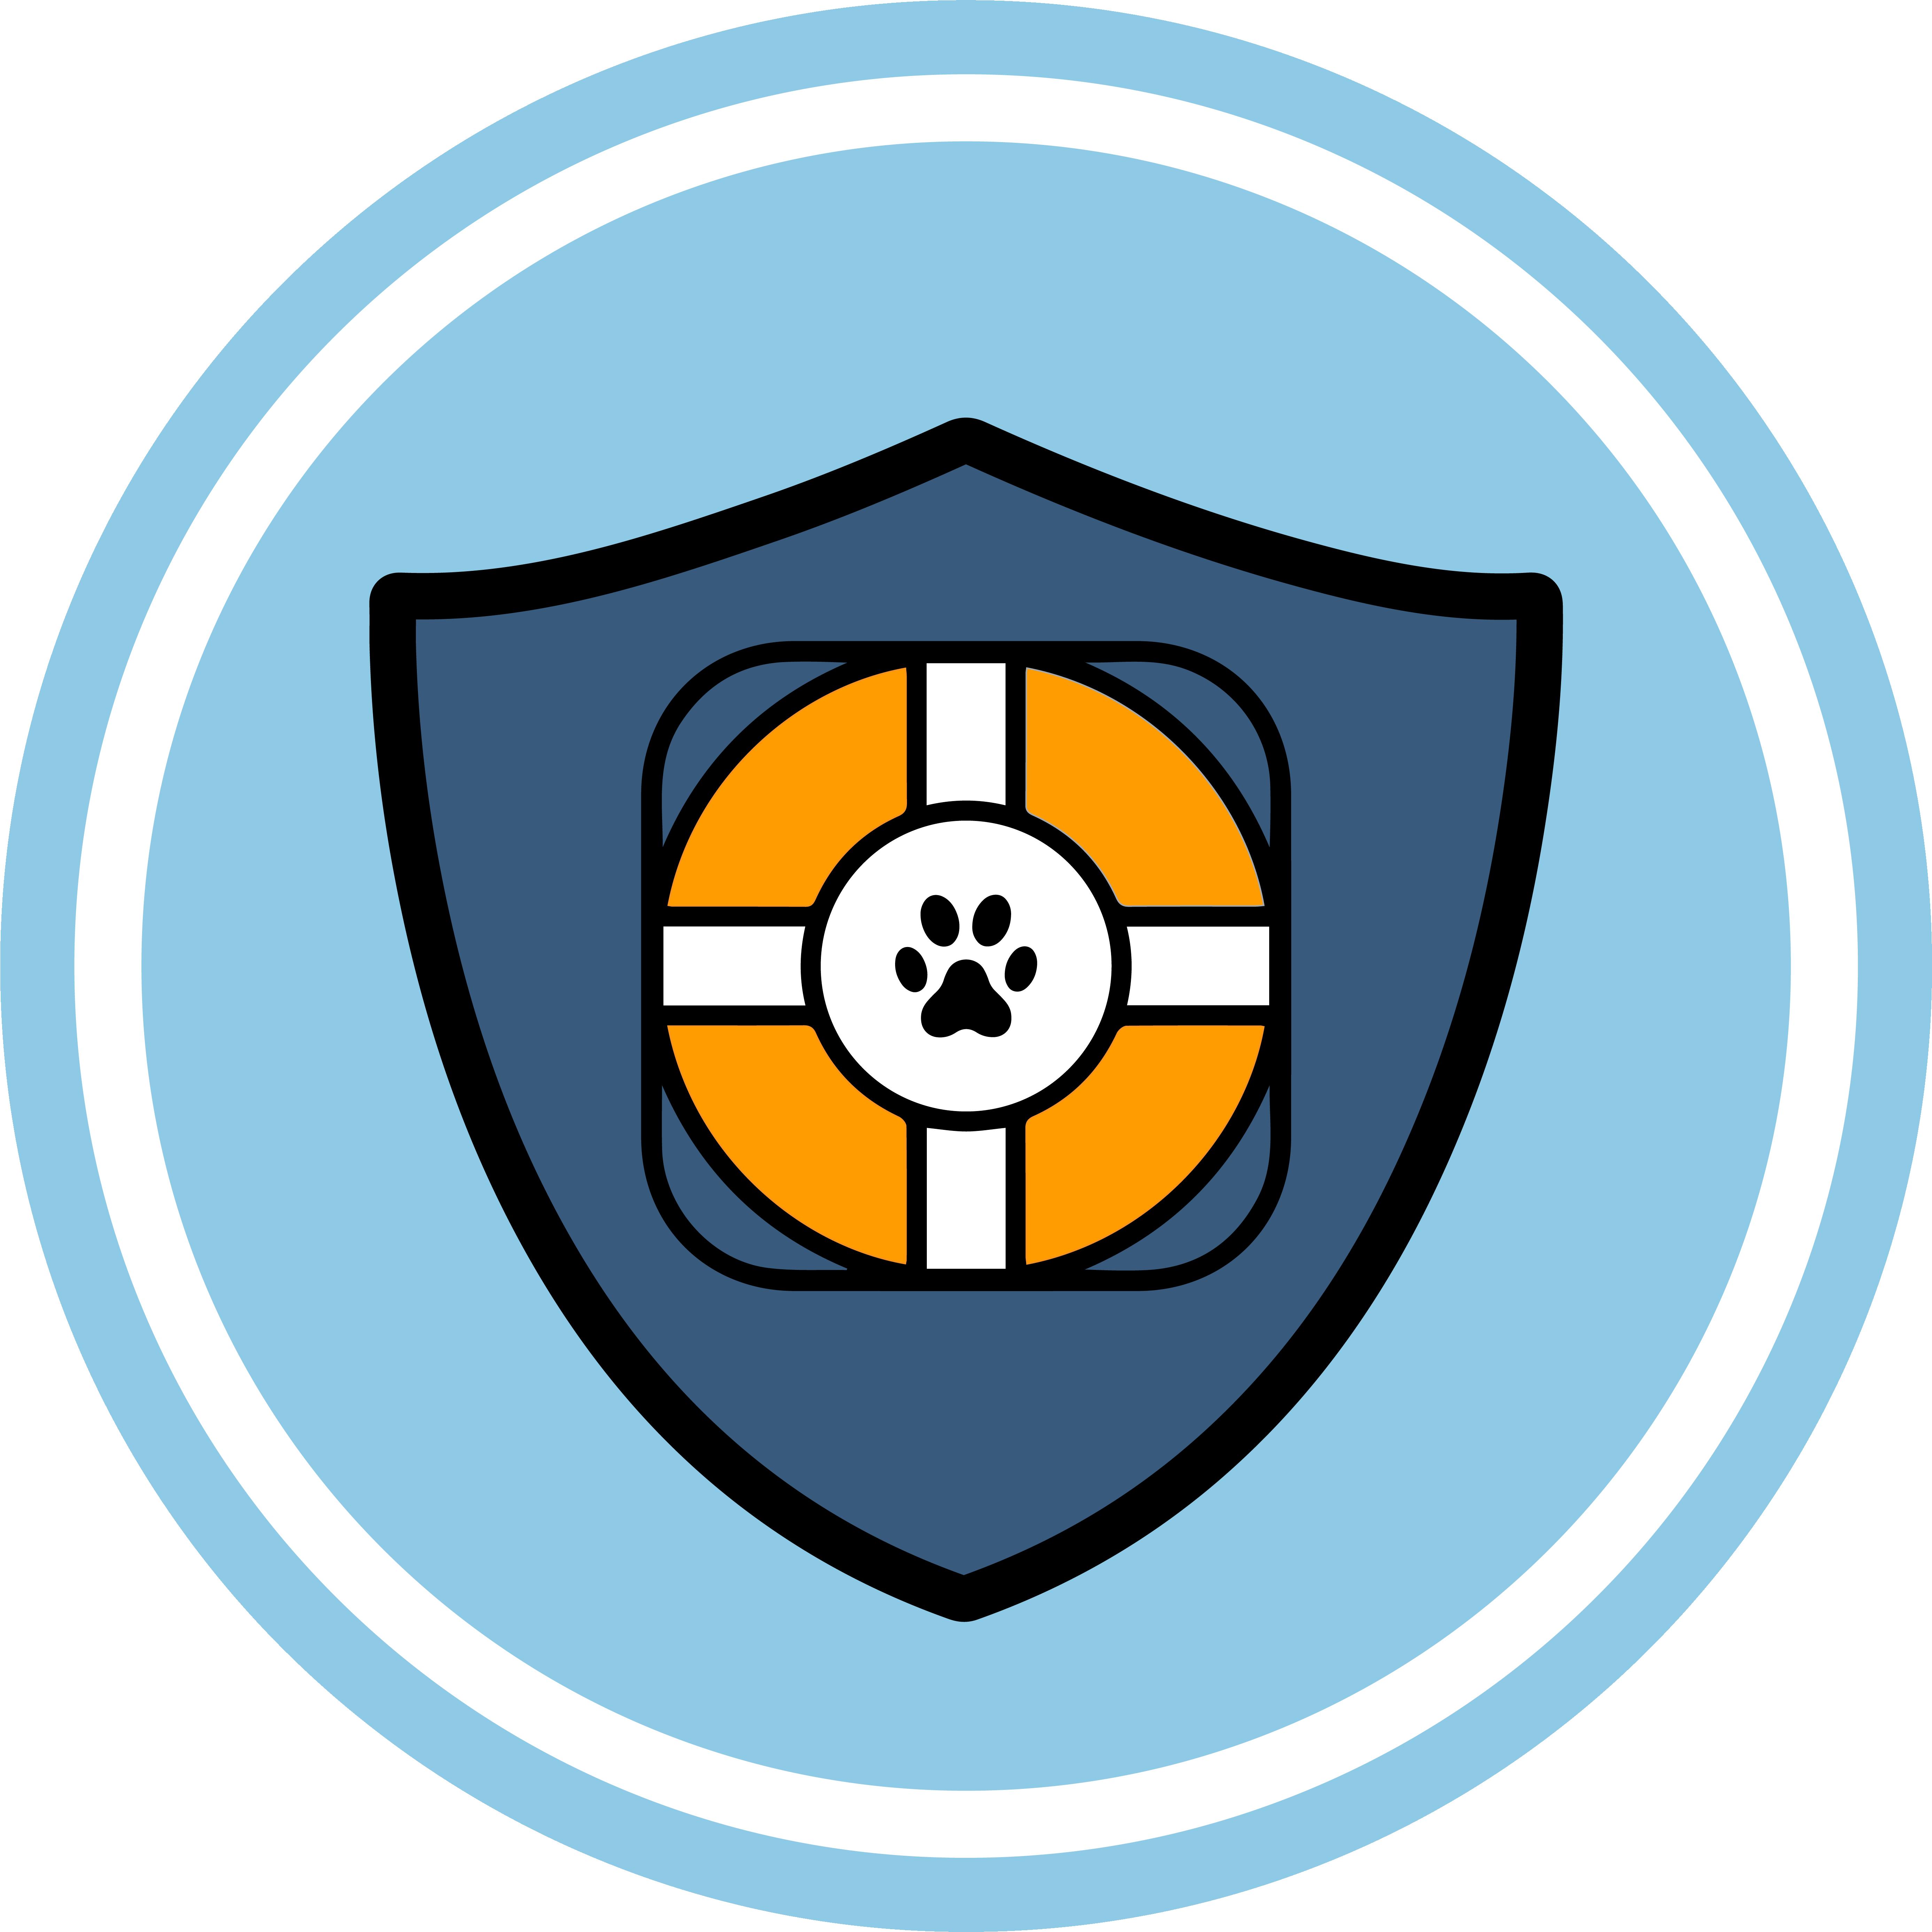 Schippers Hondenservice veiligheid voor je hond